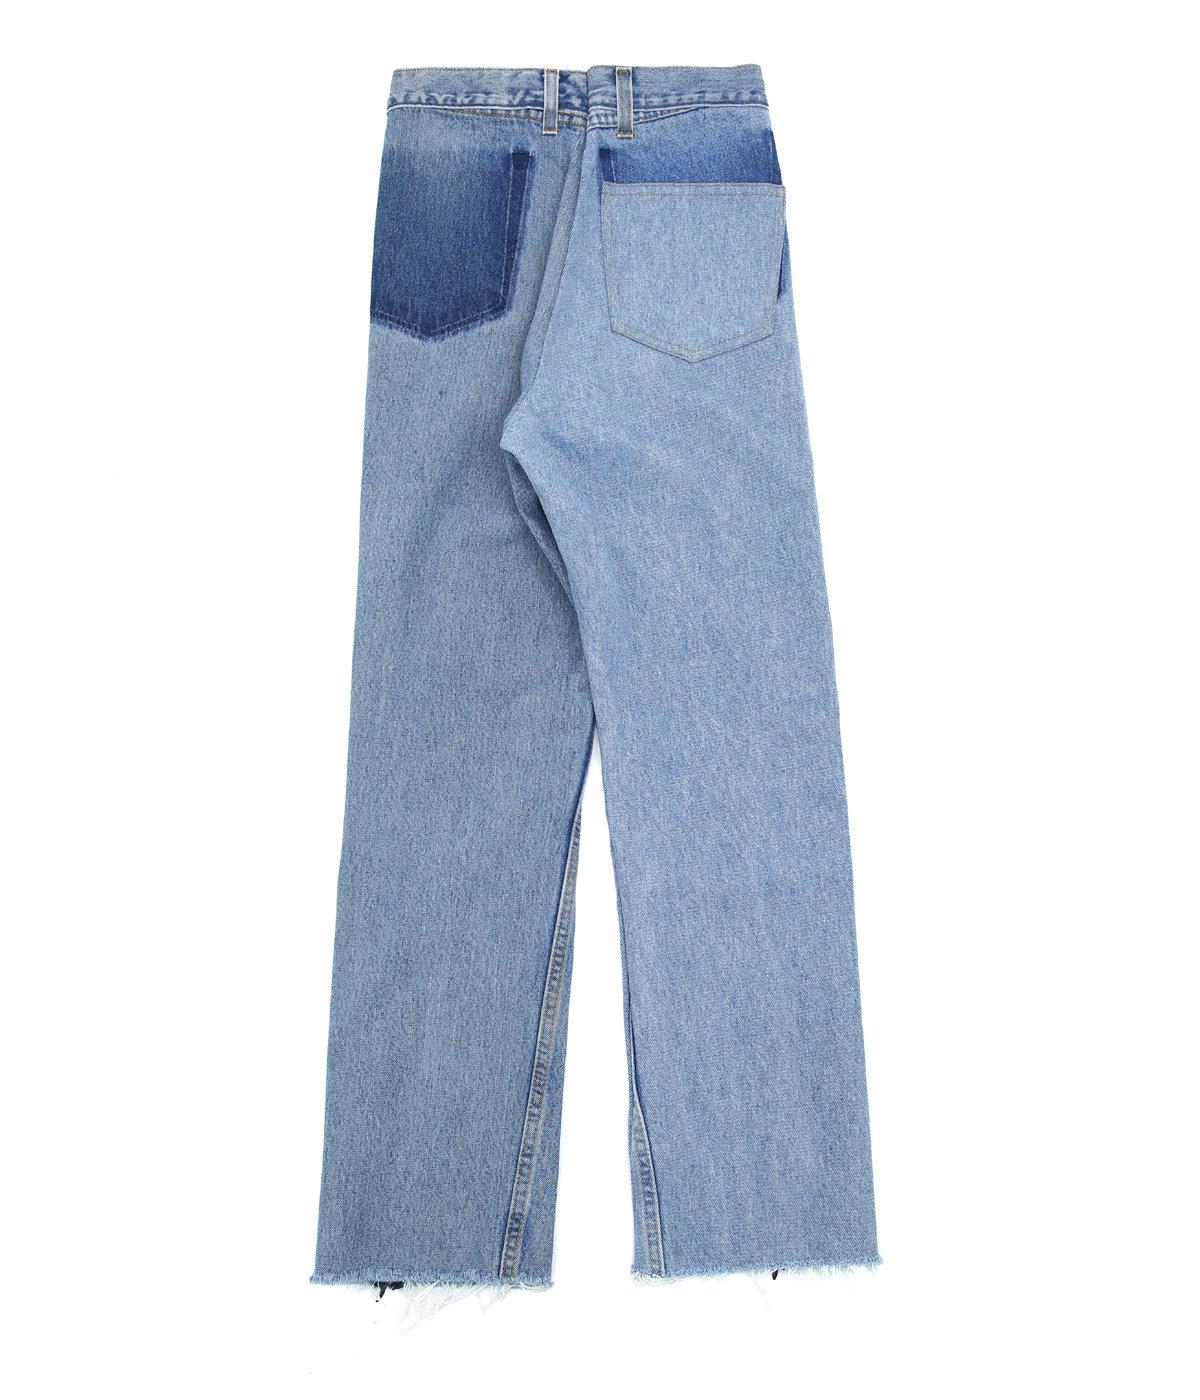 【レディース】【別注】circa make cut off rotated 90° denim pants(length 105) -26inch-